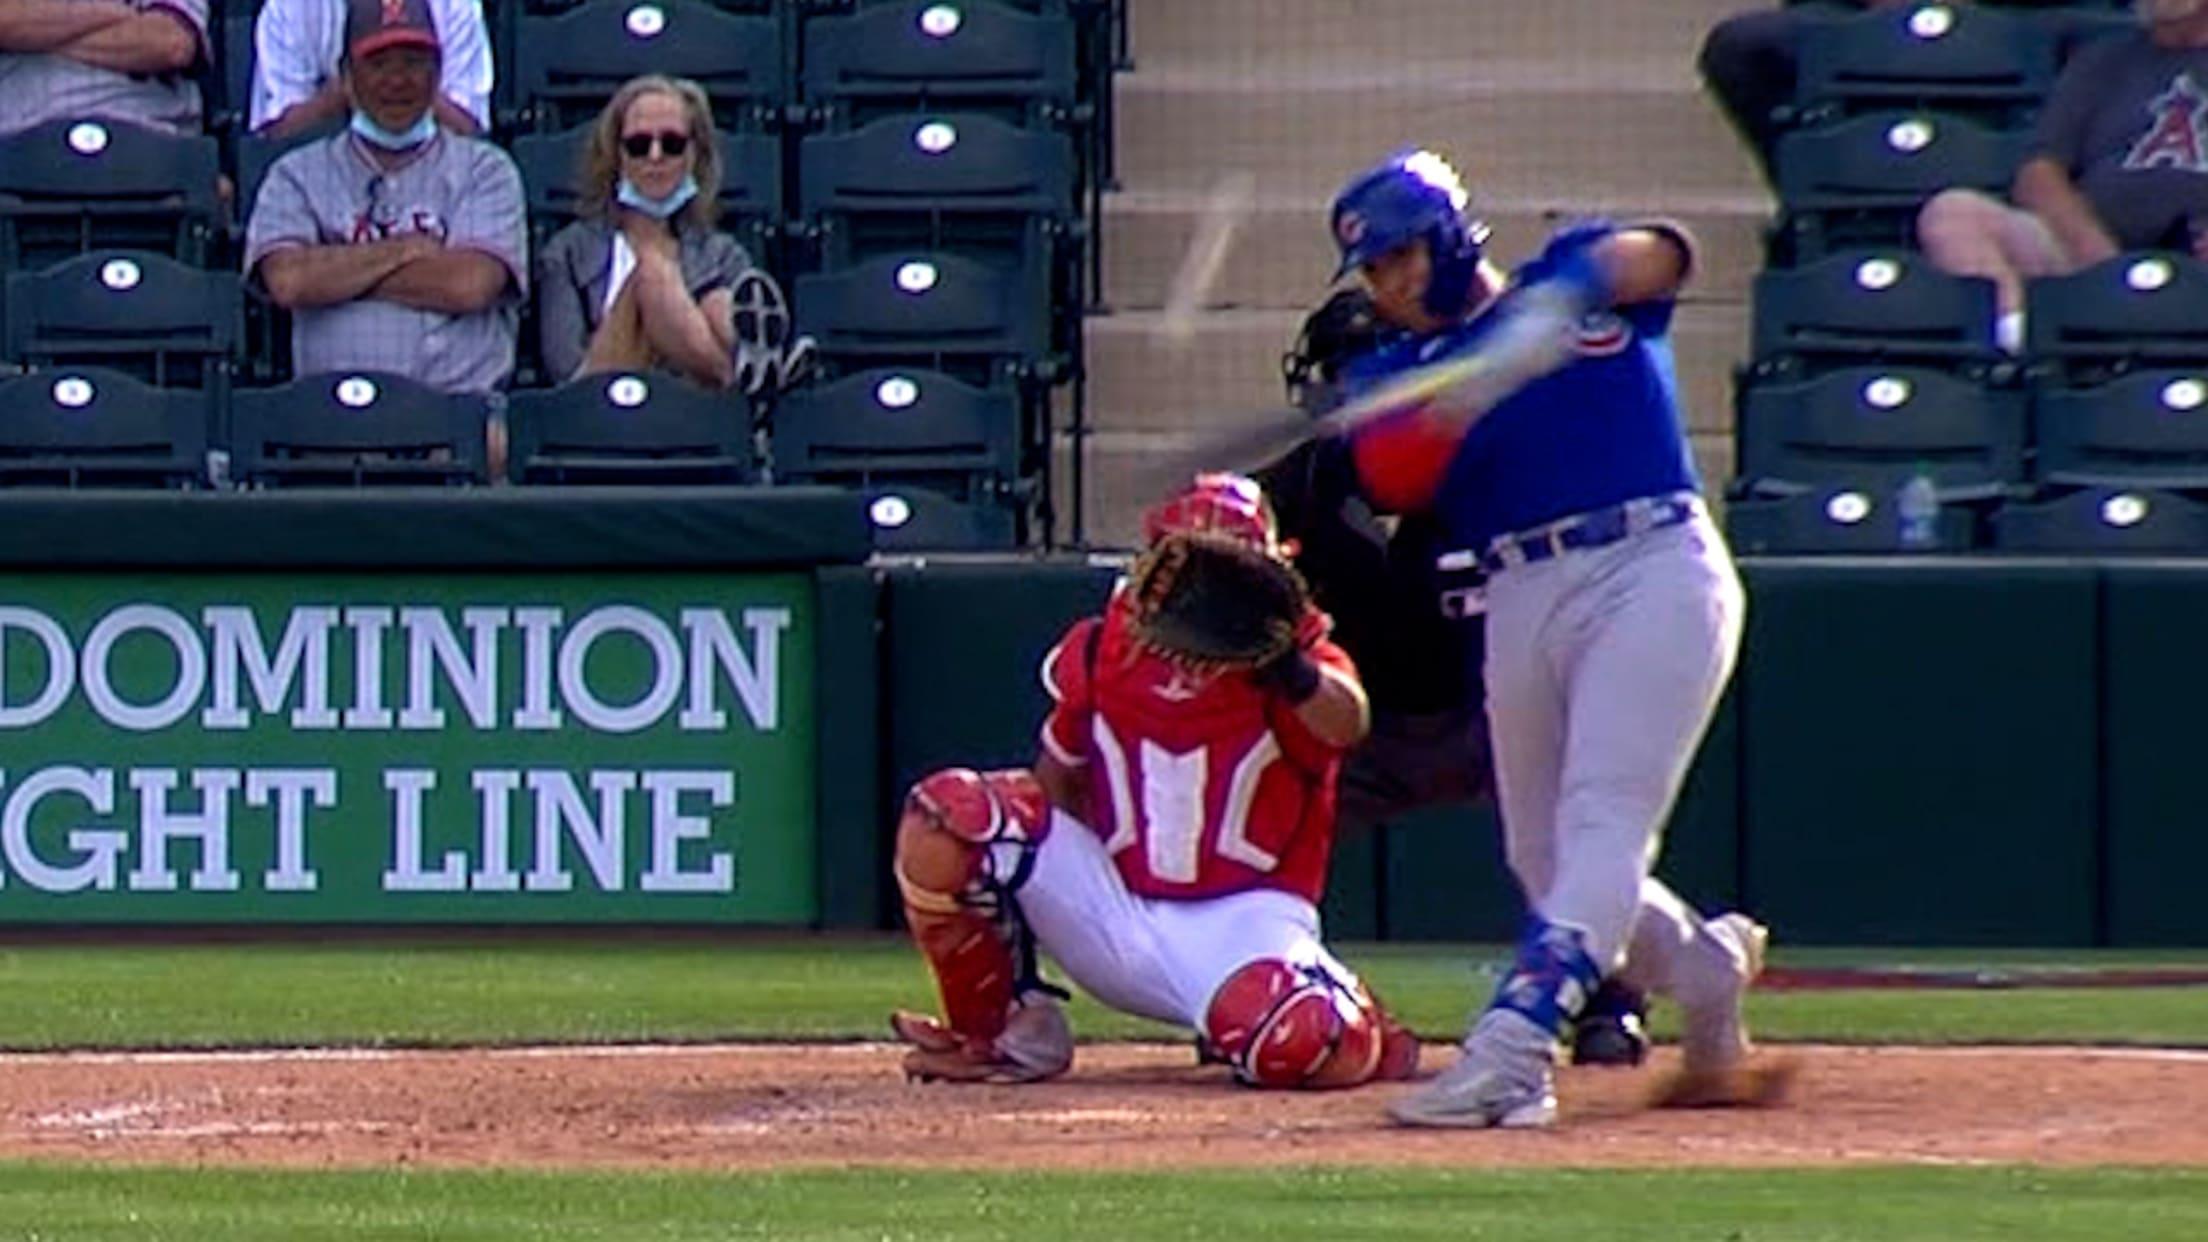 Miguel Amaya's solo home run